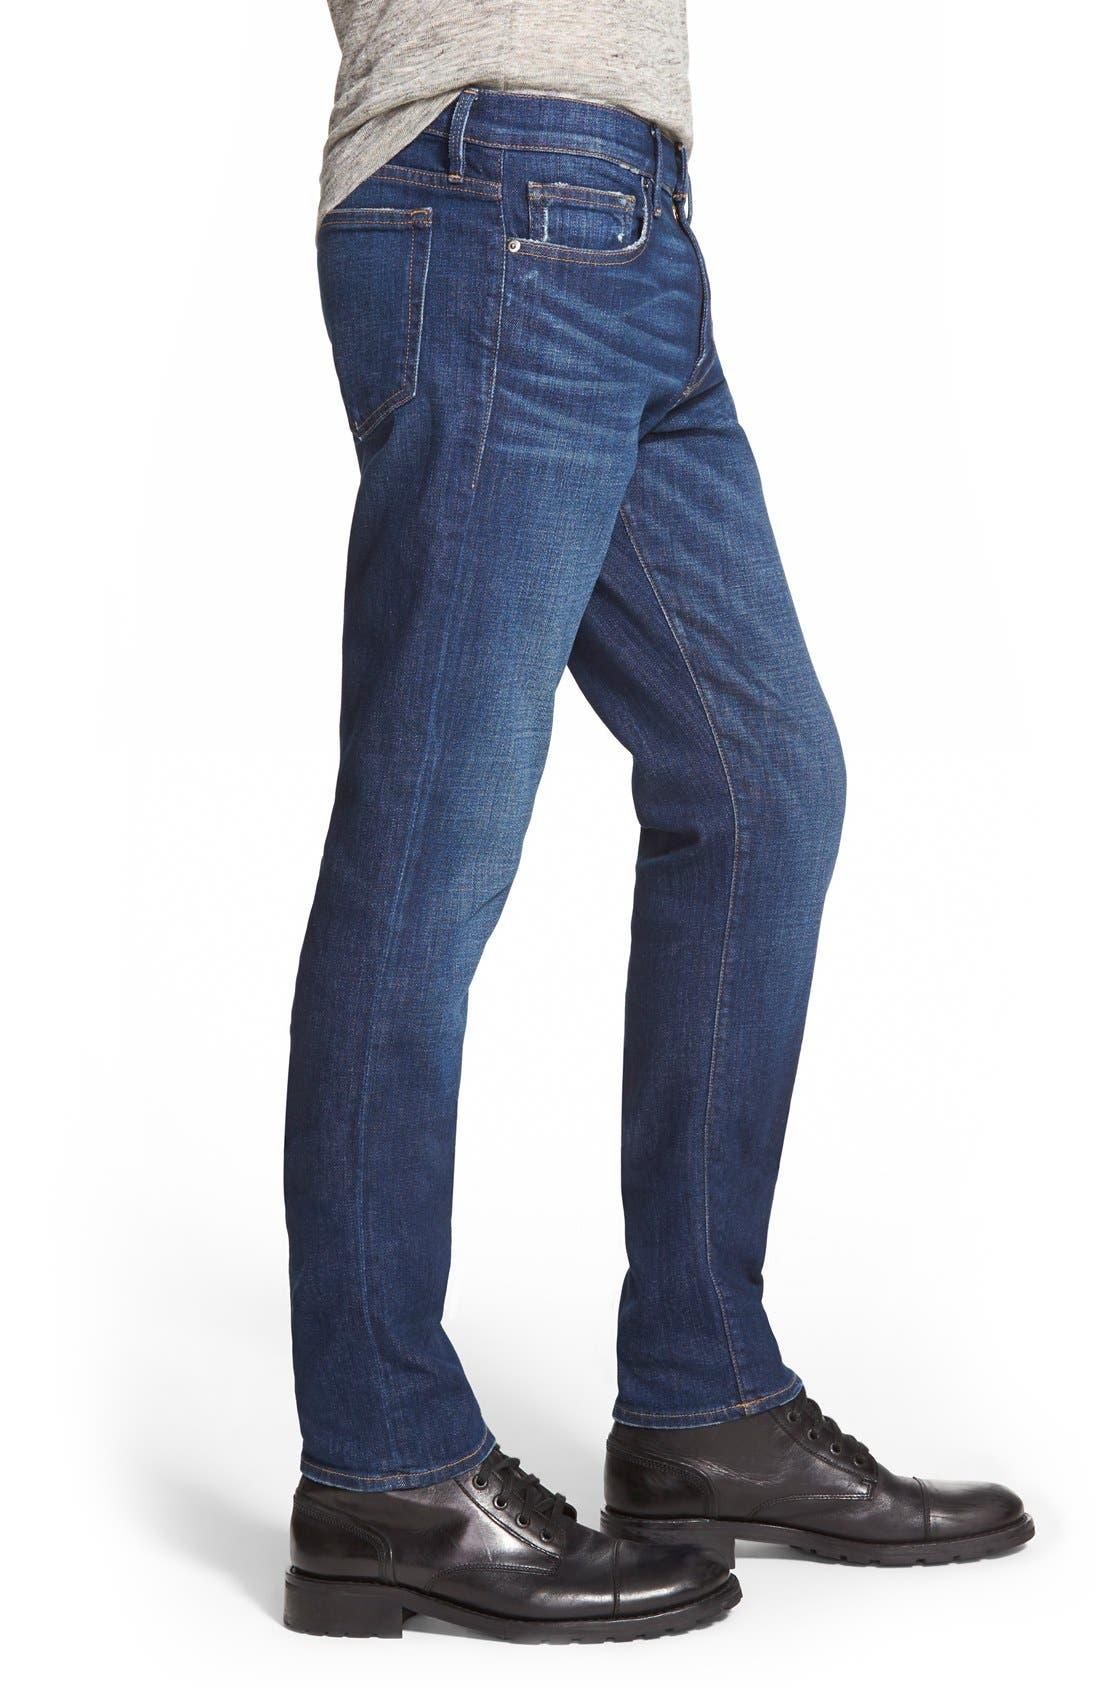 L'Homme Slim Fit Jeans,                             Alternate thumbnail 10, color,                             420